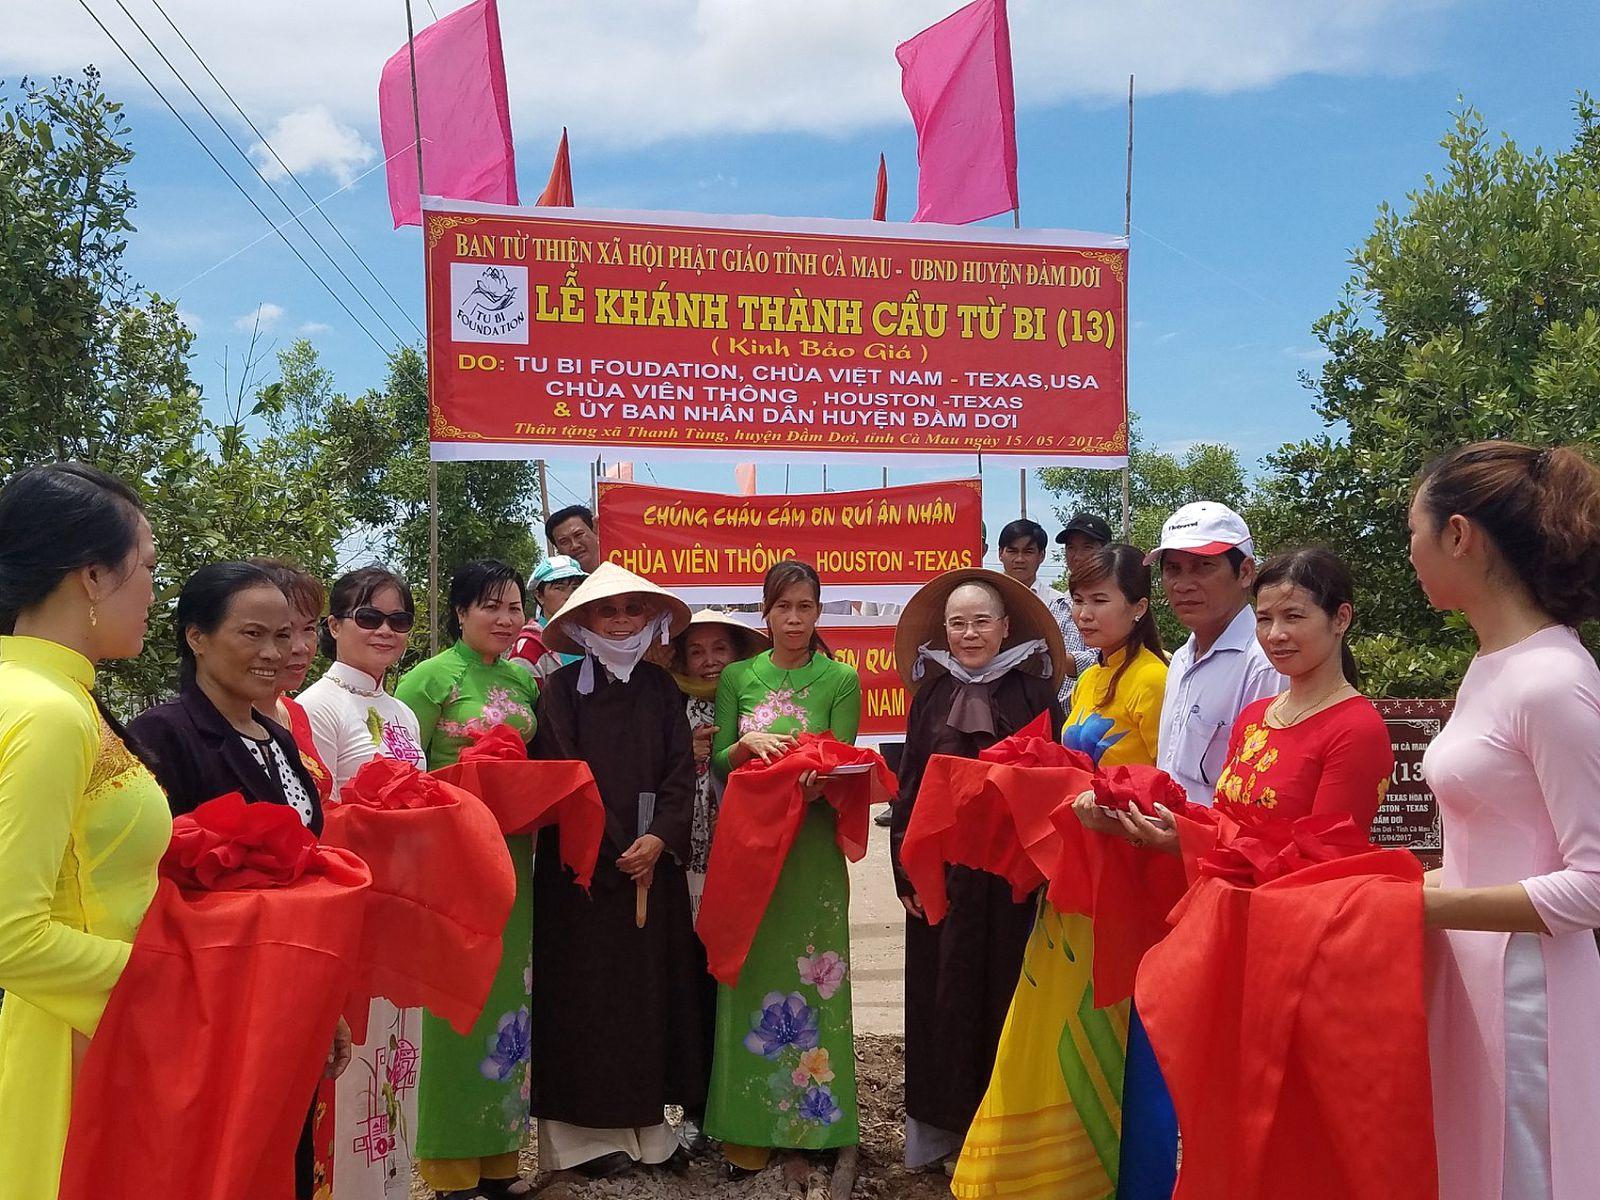 Cau Tu Bi 13 - Vien Thong (16)